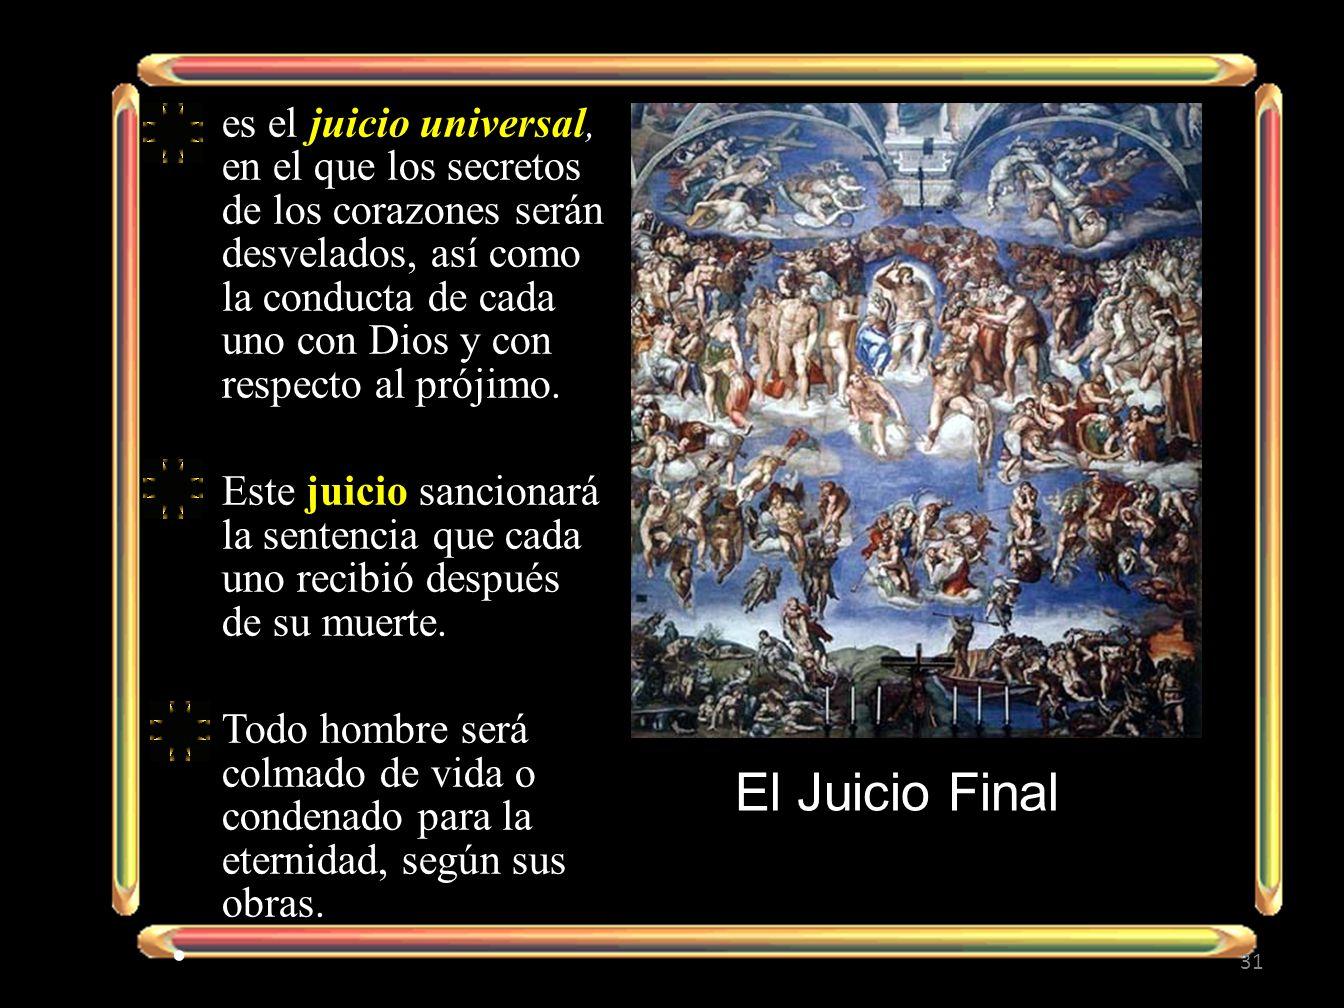 es el juicio universal, en el que los secretos de los corazones serán desvelados, así como la conducta de cada uno con Dios y con respecto al prójimo.